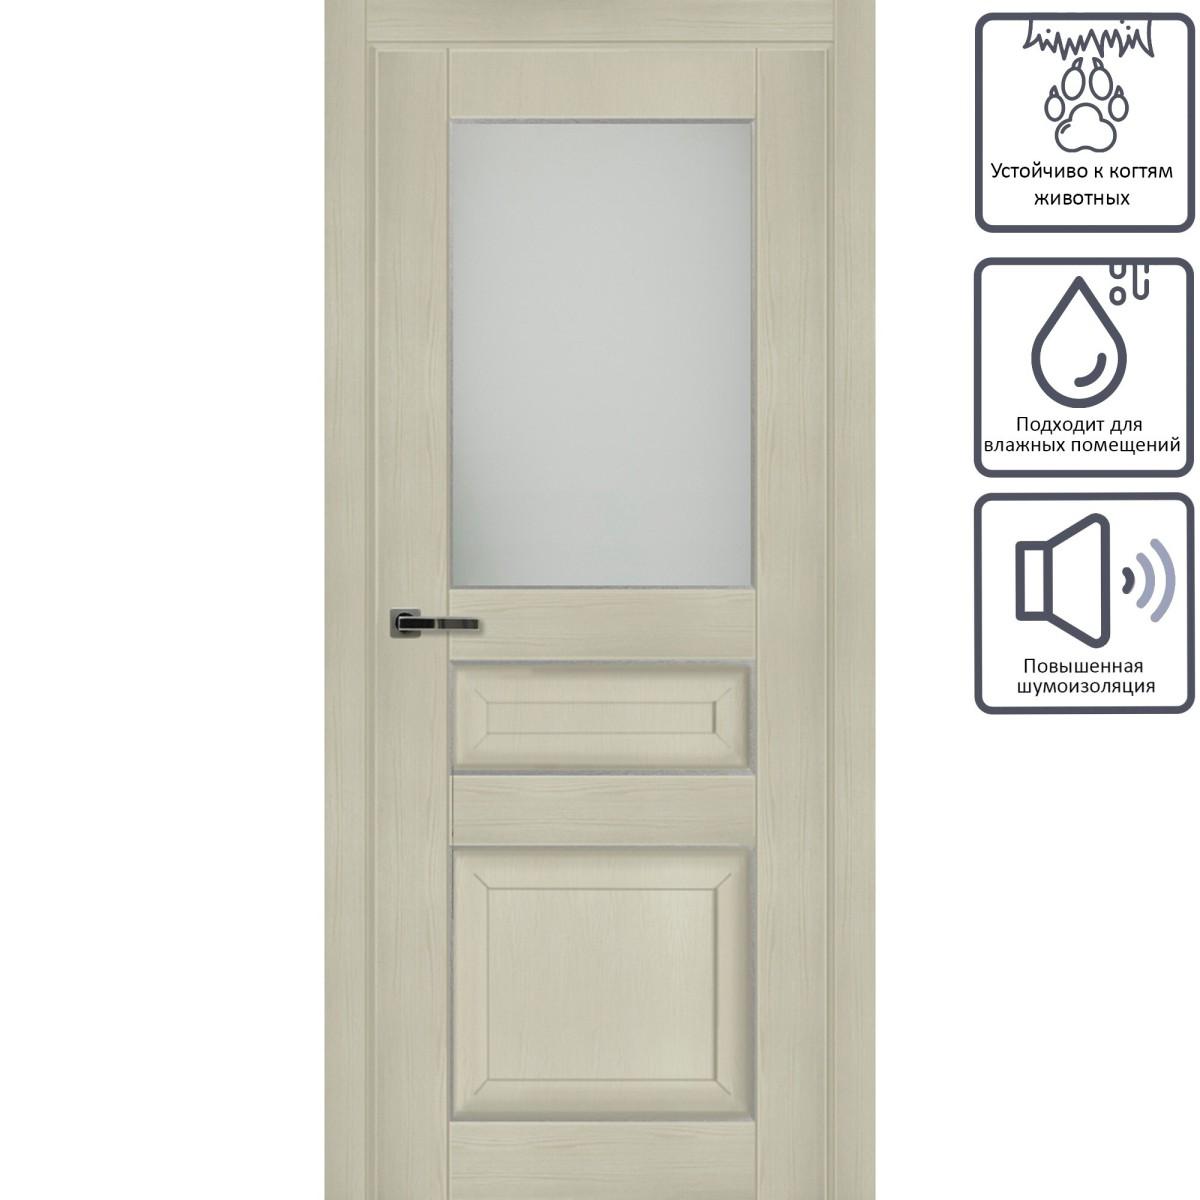 Дверь Межкомнатная Глухая С Замком В Комплекте Дерби 2100x900 Cpl Цвет Белый